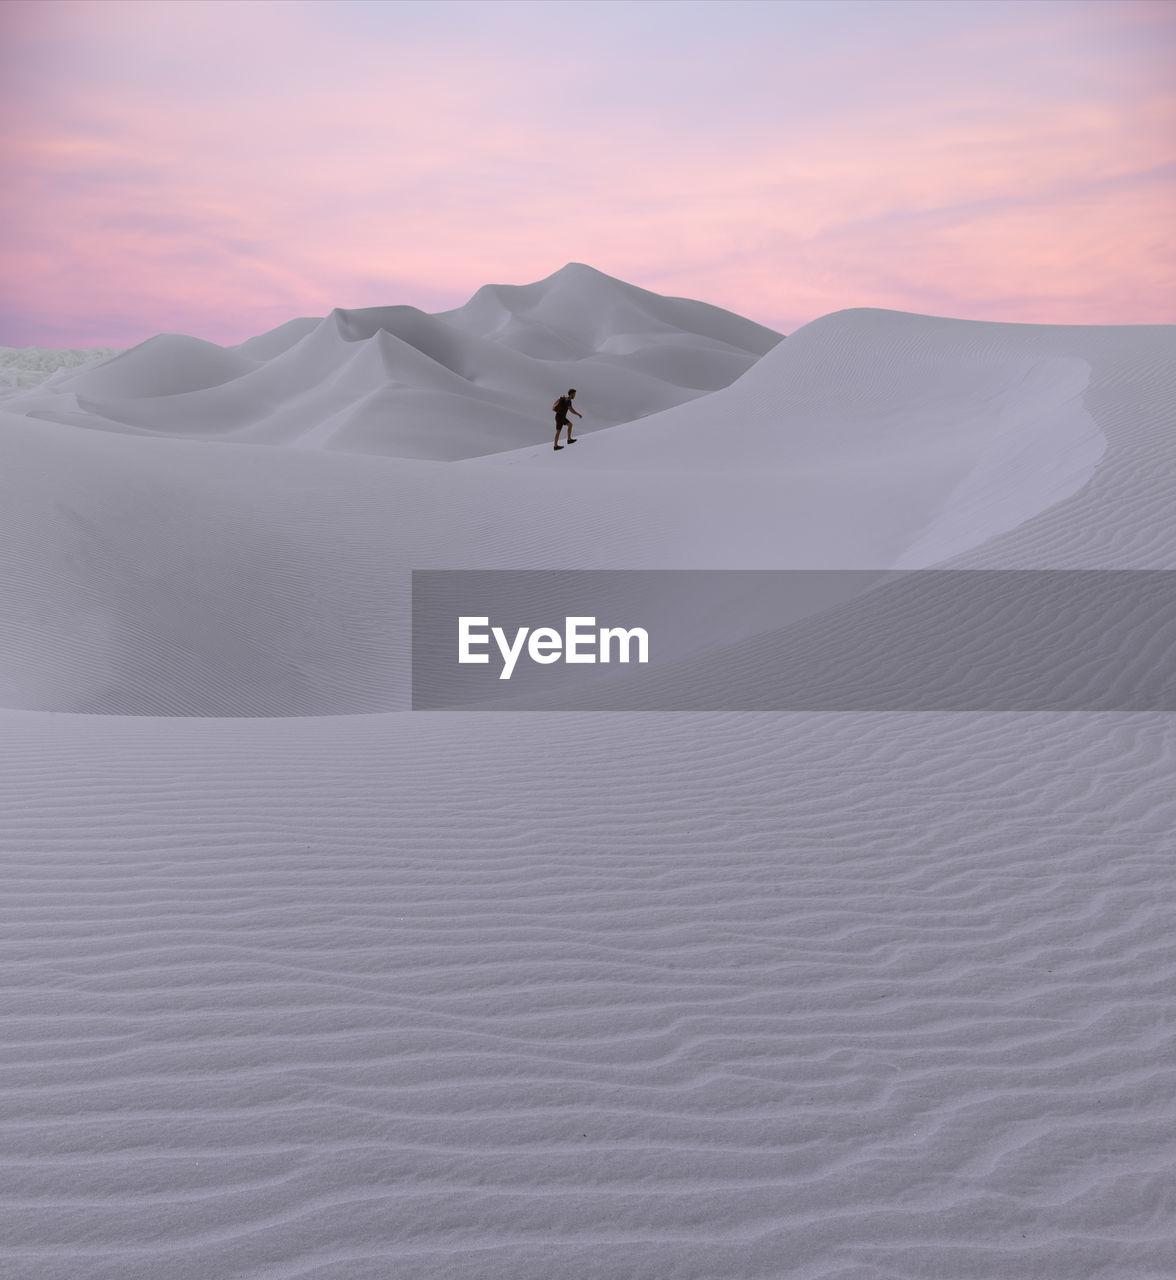 Man walking on desert against sky during sunset